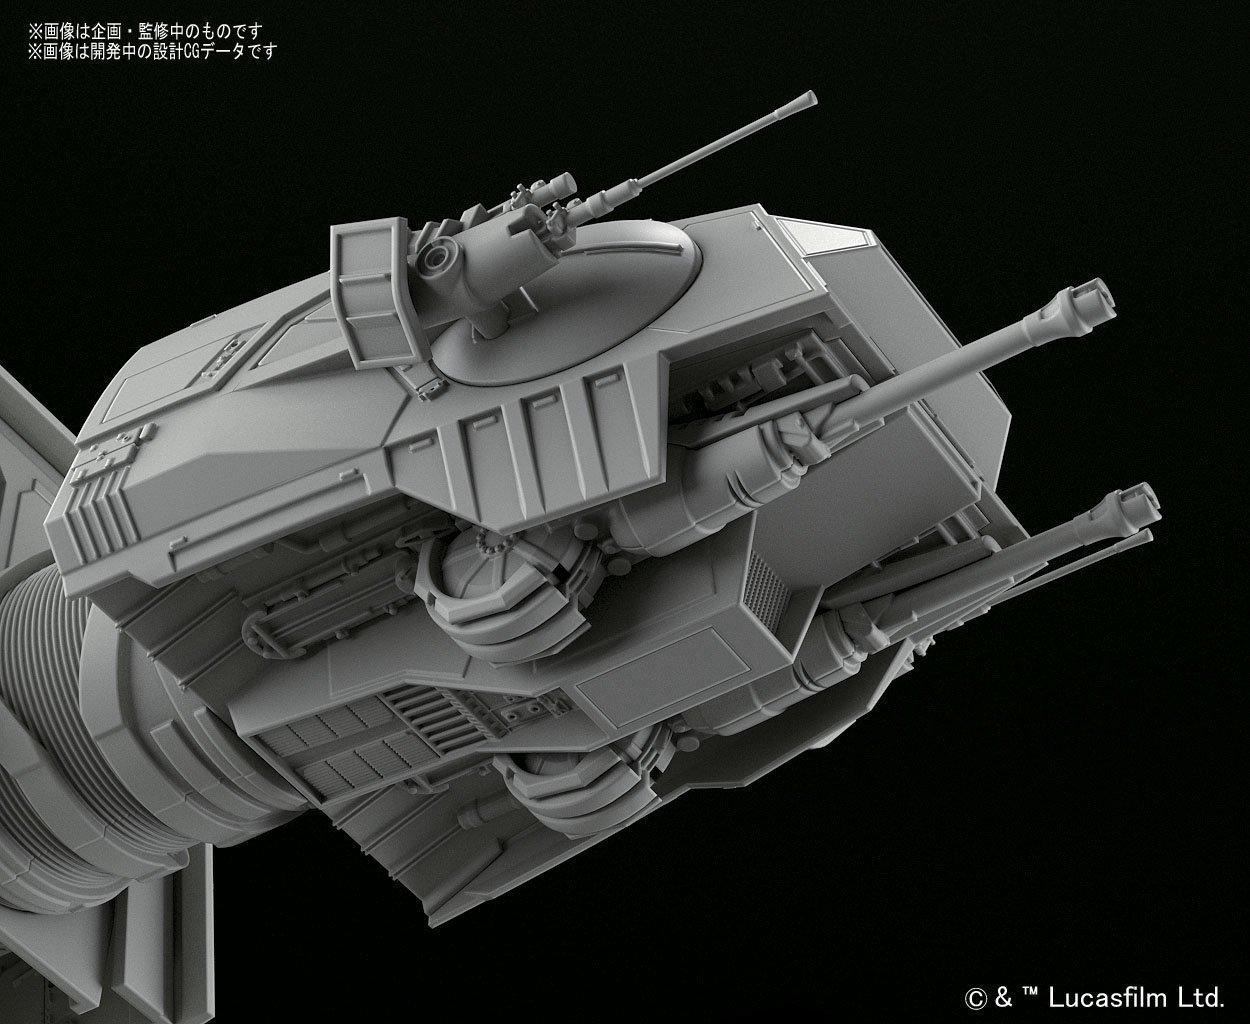 BANDAI 万代 星球大战 AT-AT 1/144 可动模型